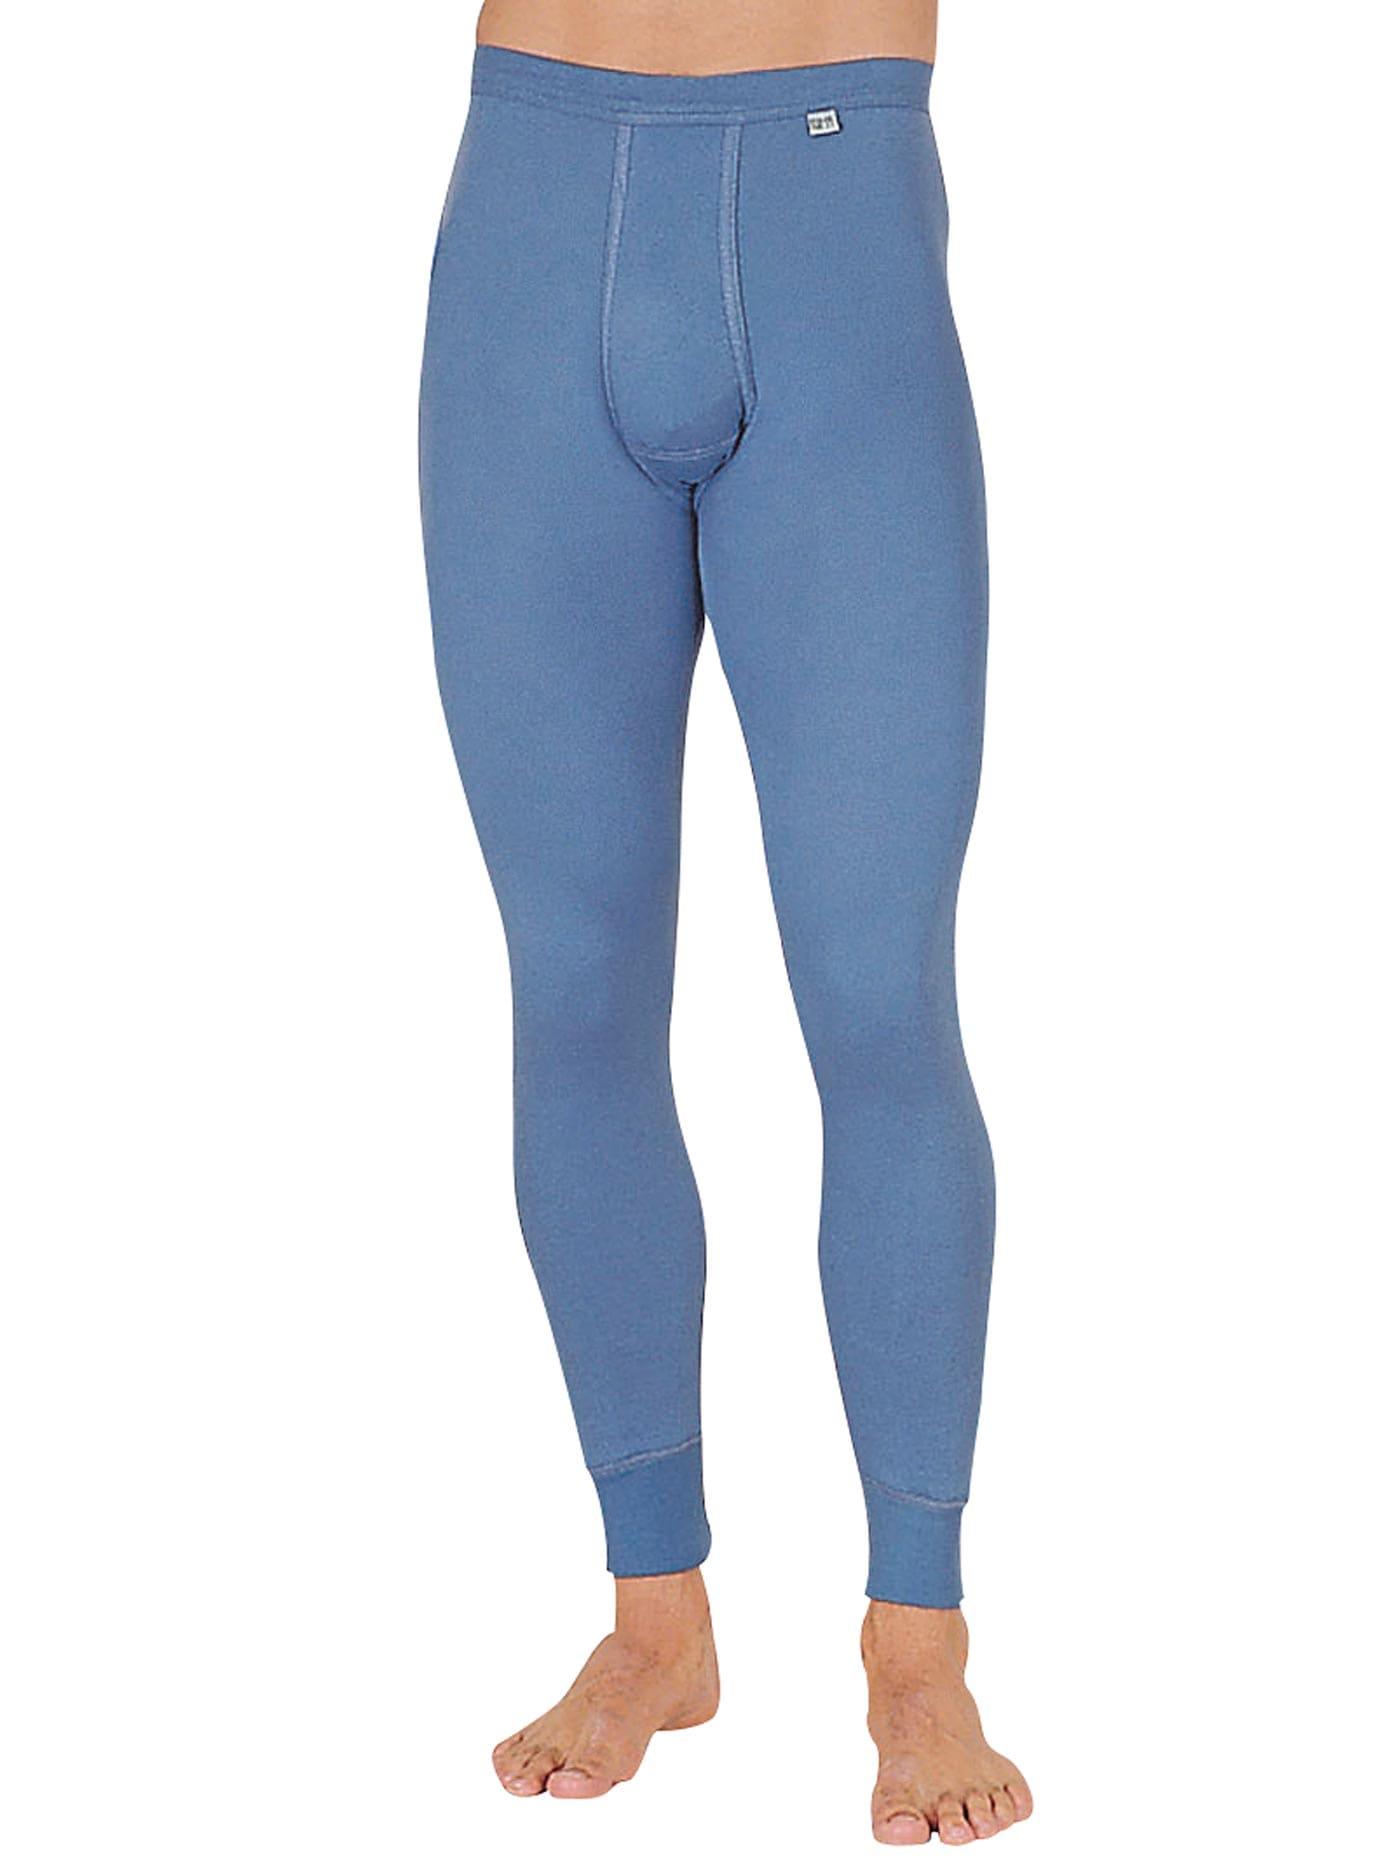 KUMPF Lange Unterhose, (1 St.) blau Herren Unterhosen Herrenwäsche Unterhose